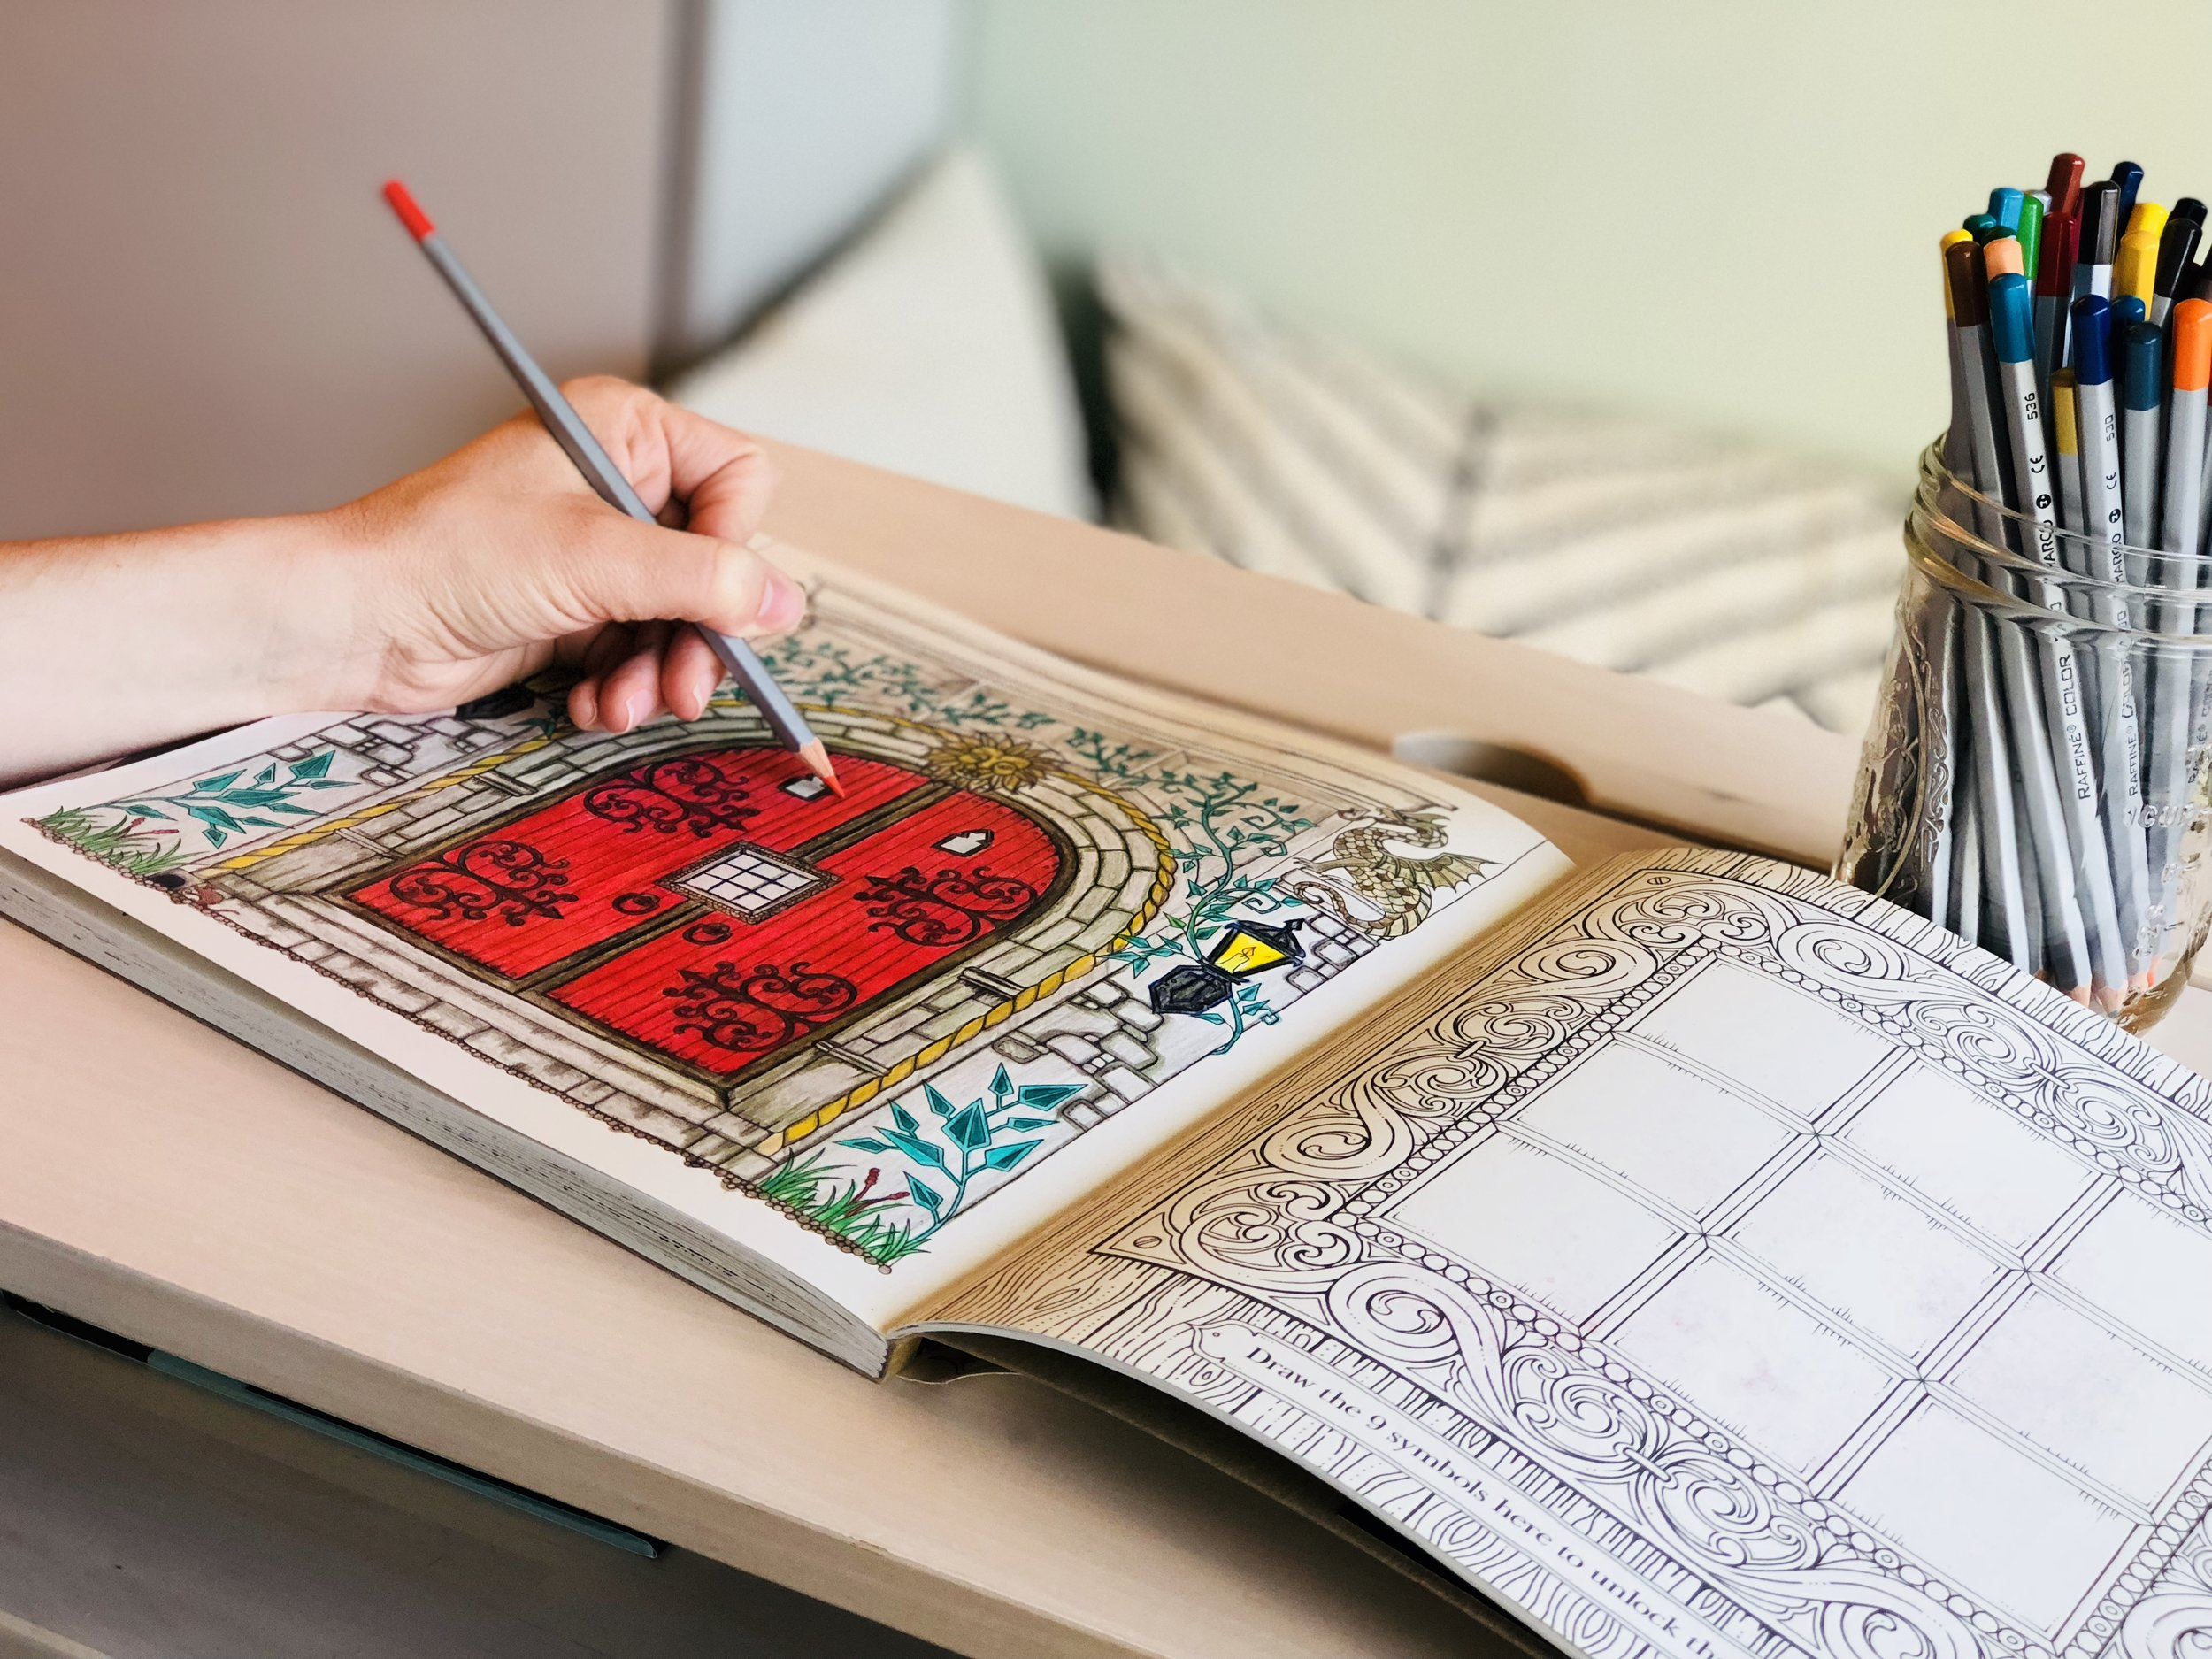 coloring book.jpg